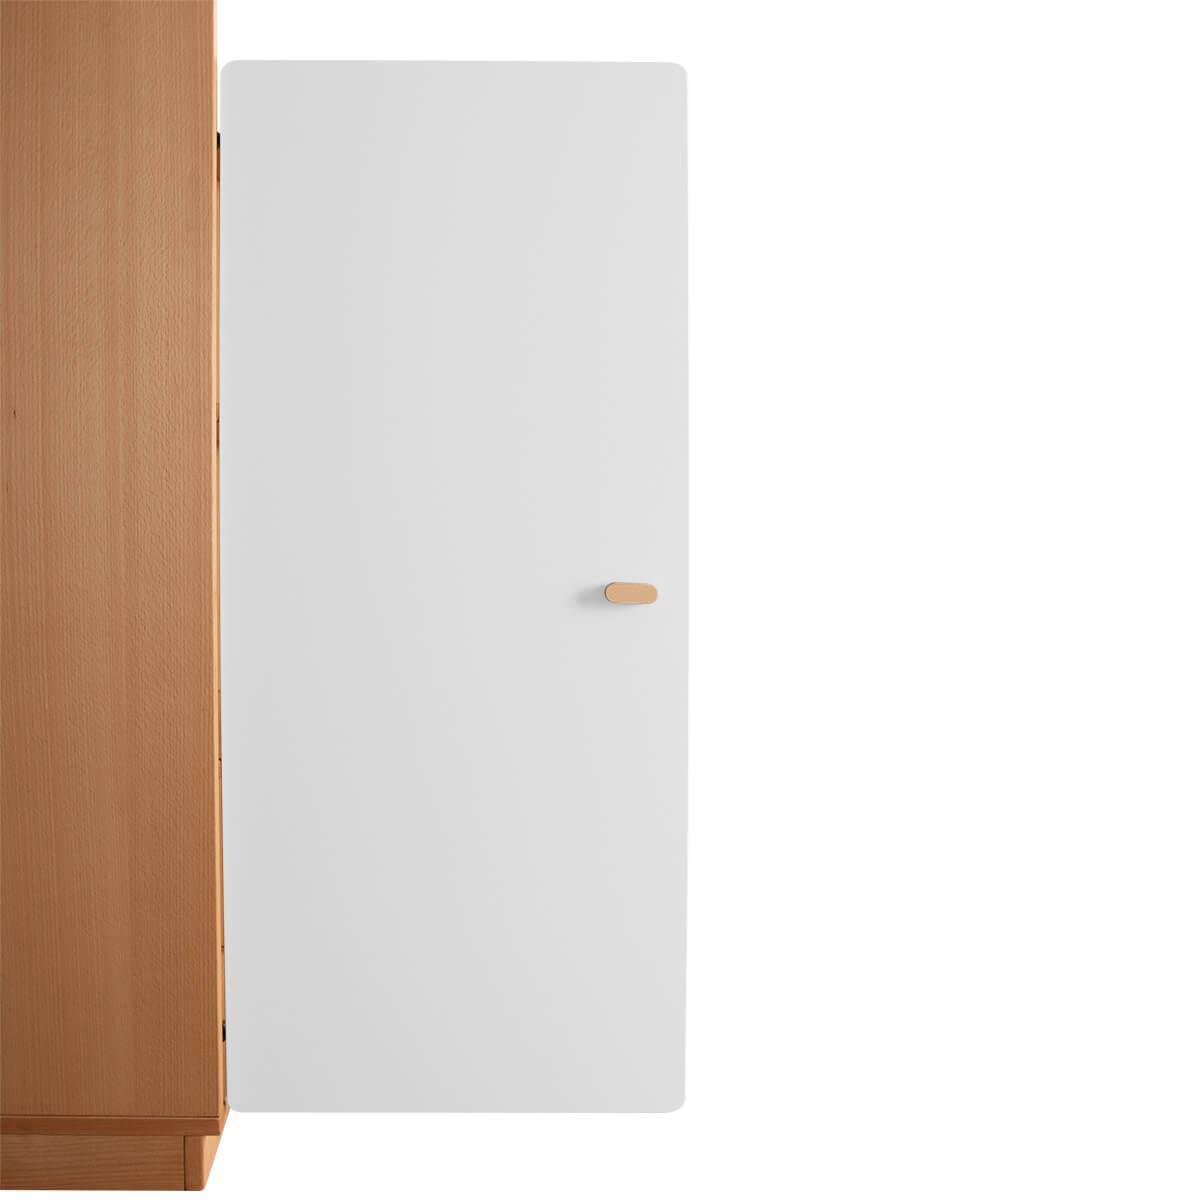 Schranktür 3/5  106cm-Griff DESTYLE Debreuyn  MDF weiß-lackiert